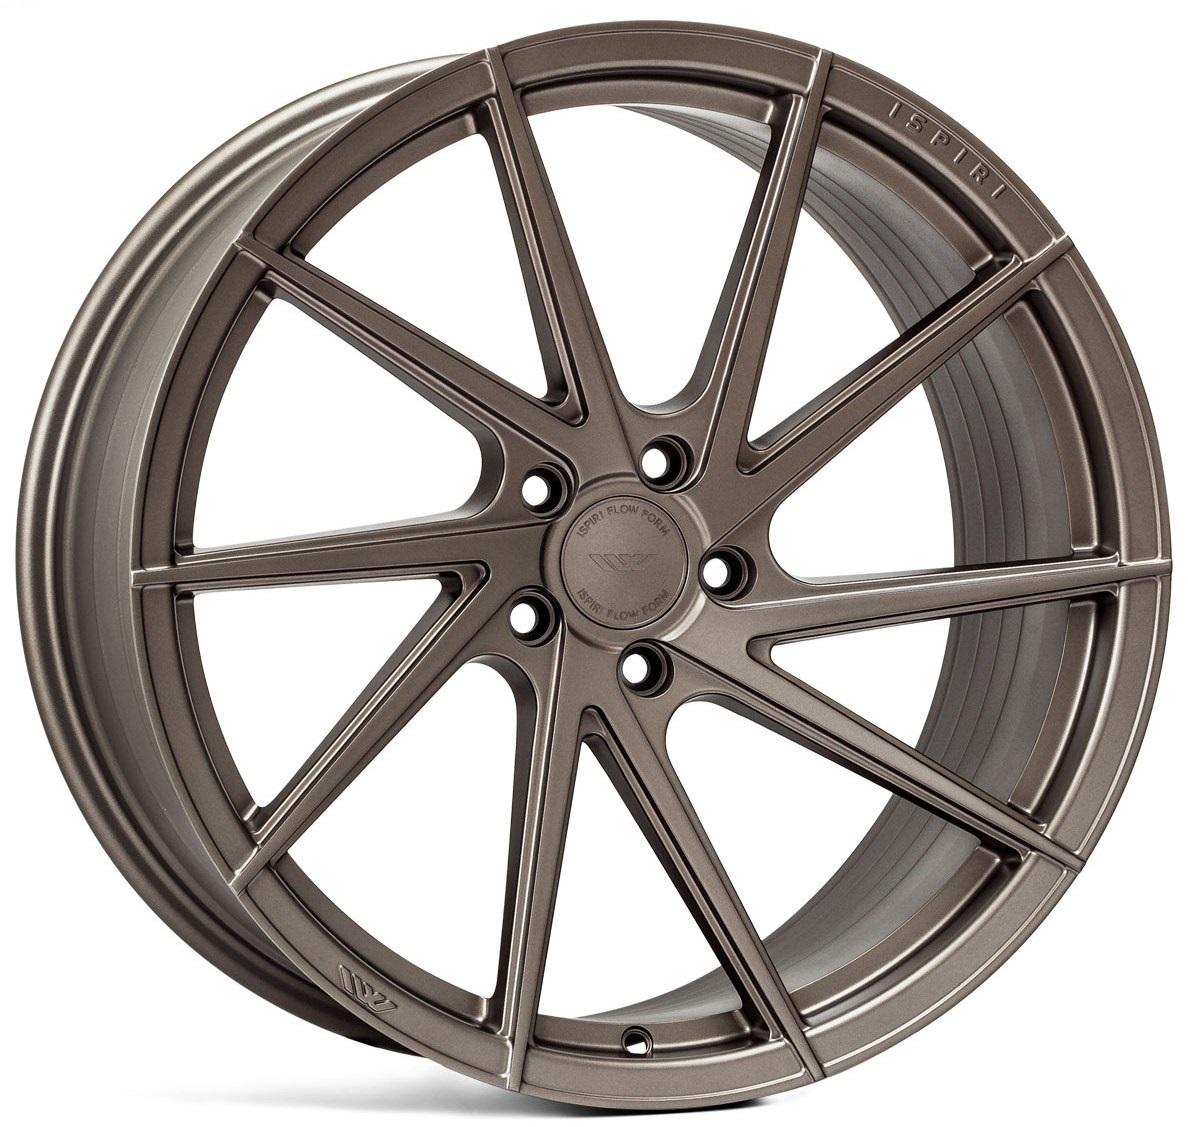 IW Automotive - FFR1D (Matt Carbon Bronze)